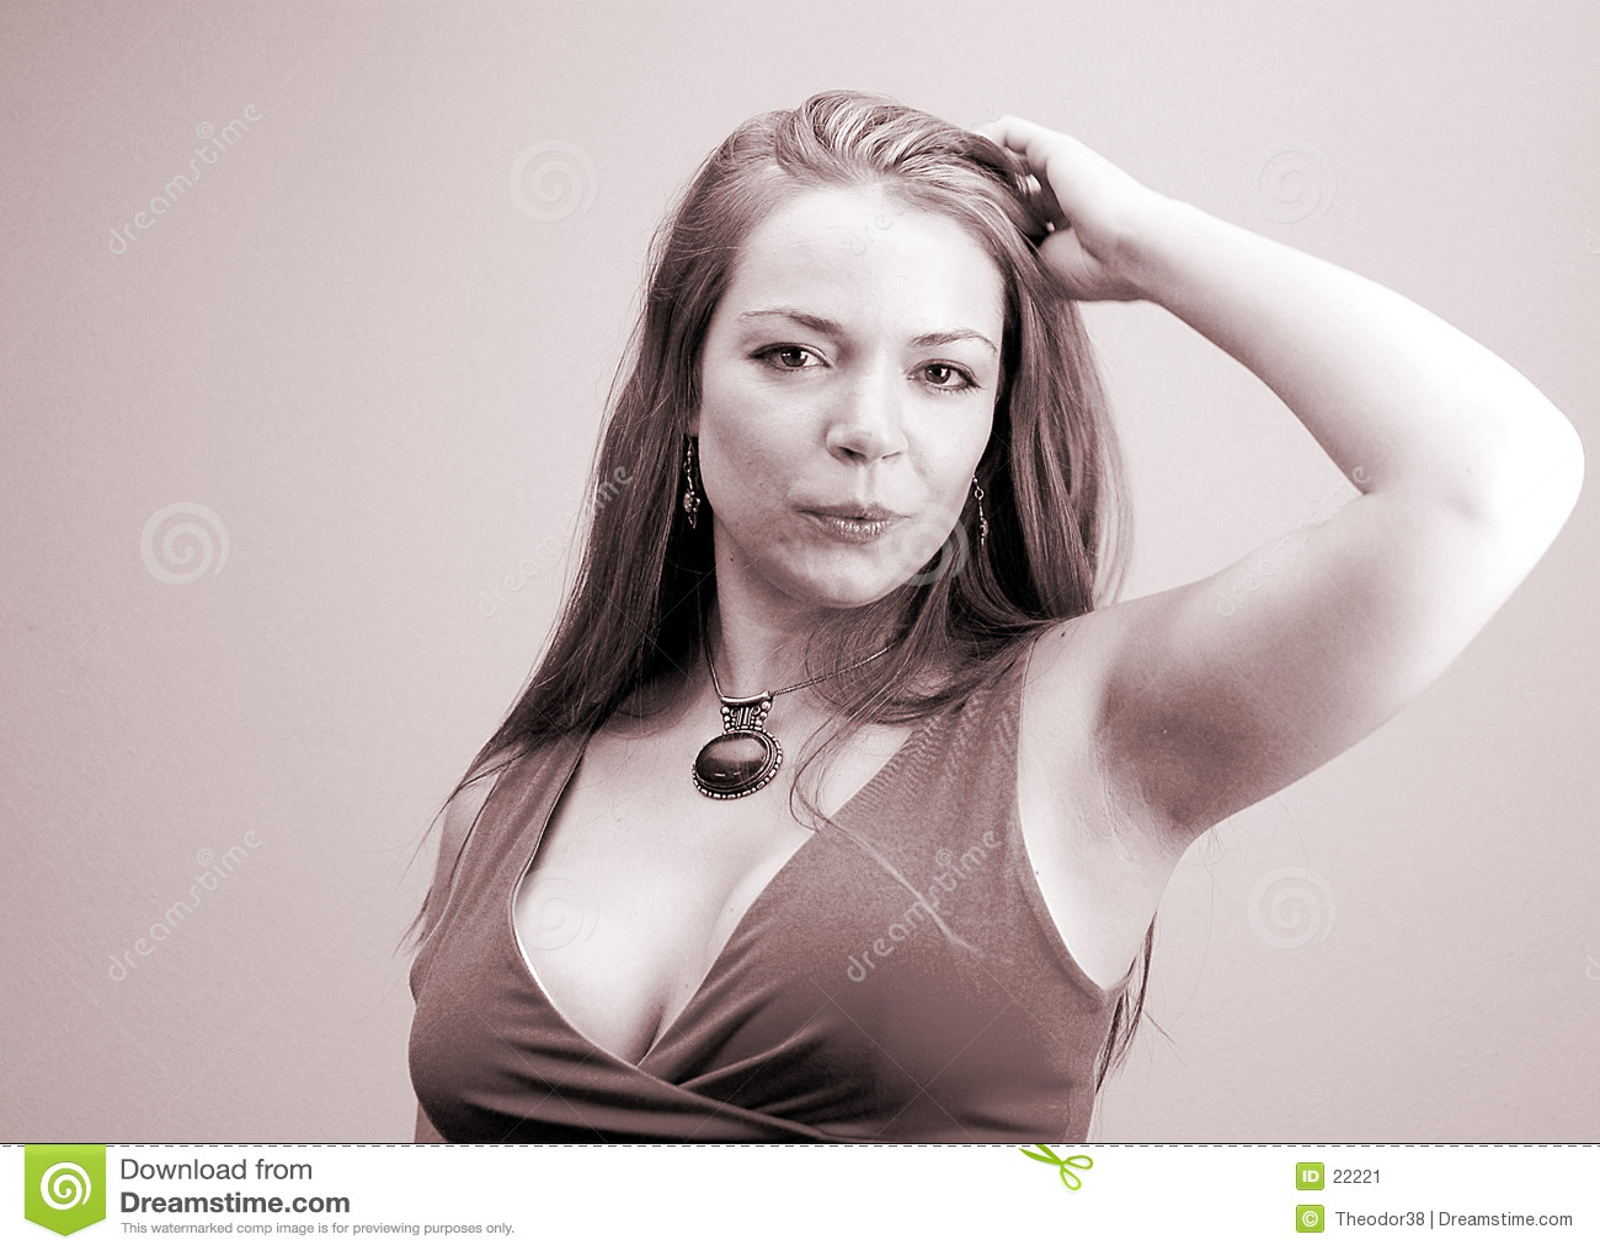 Woman s portrait-5